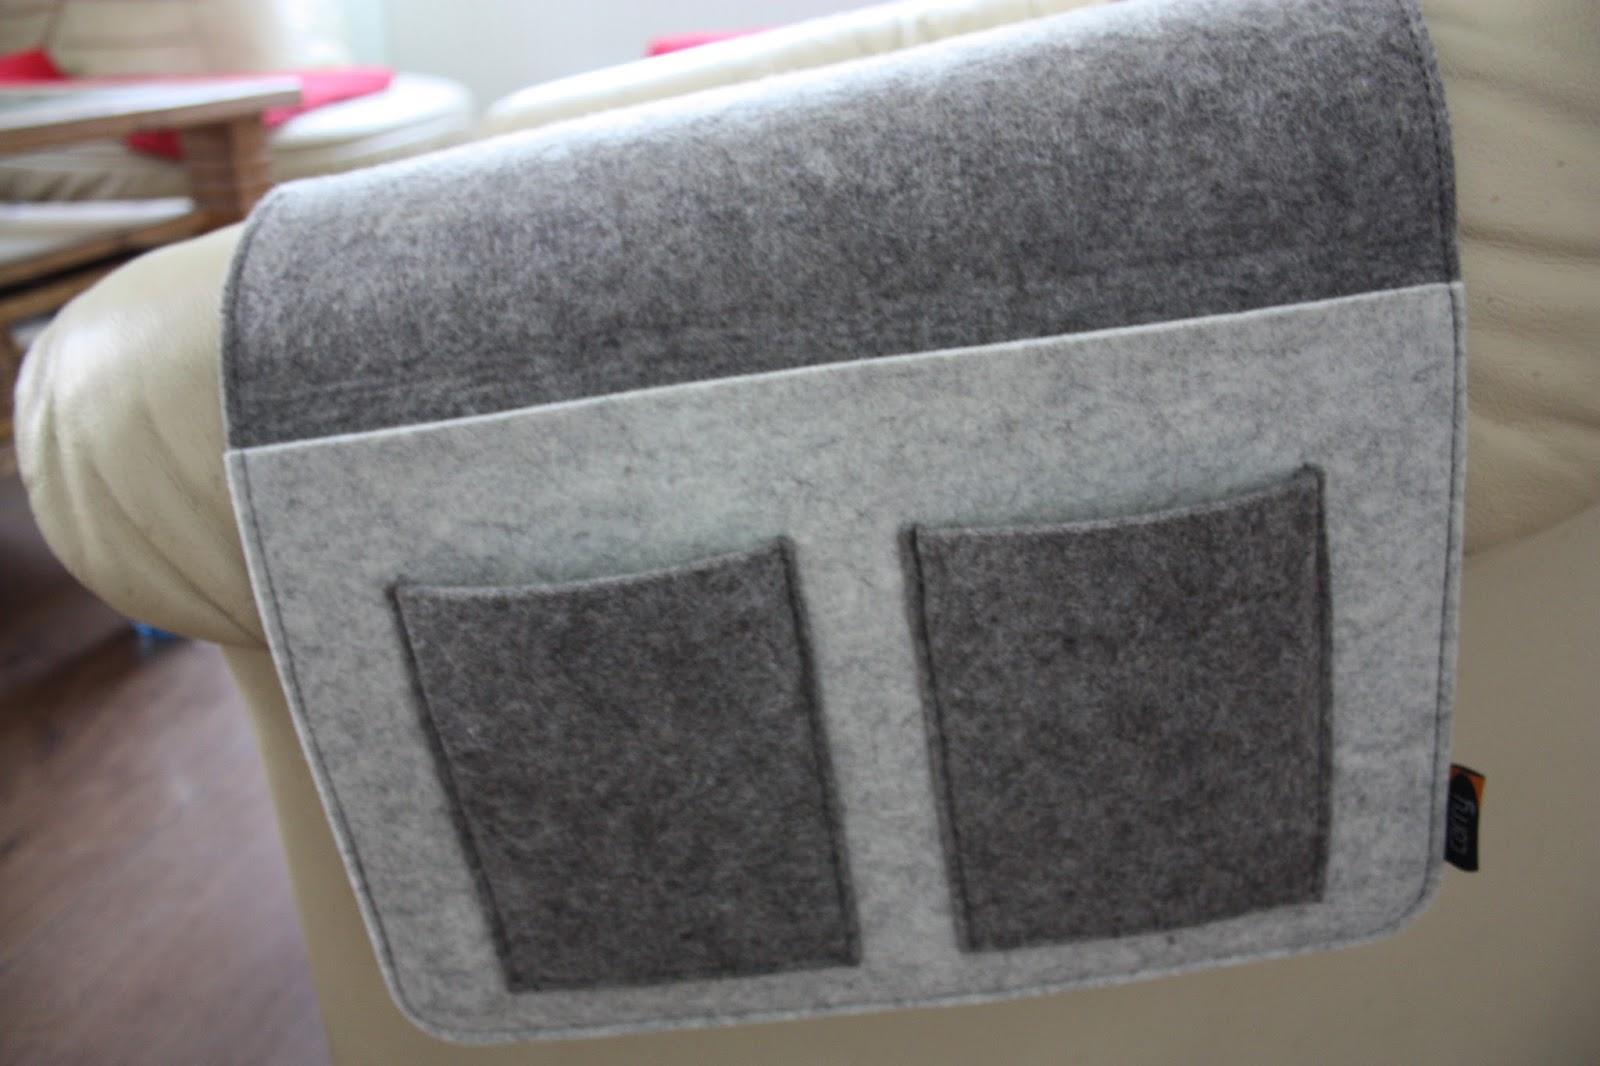 test it produkttest nr 593 hecht international. Black Bedroom Furniture Sets. Home Design Ideas